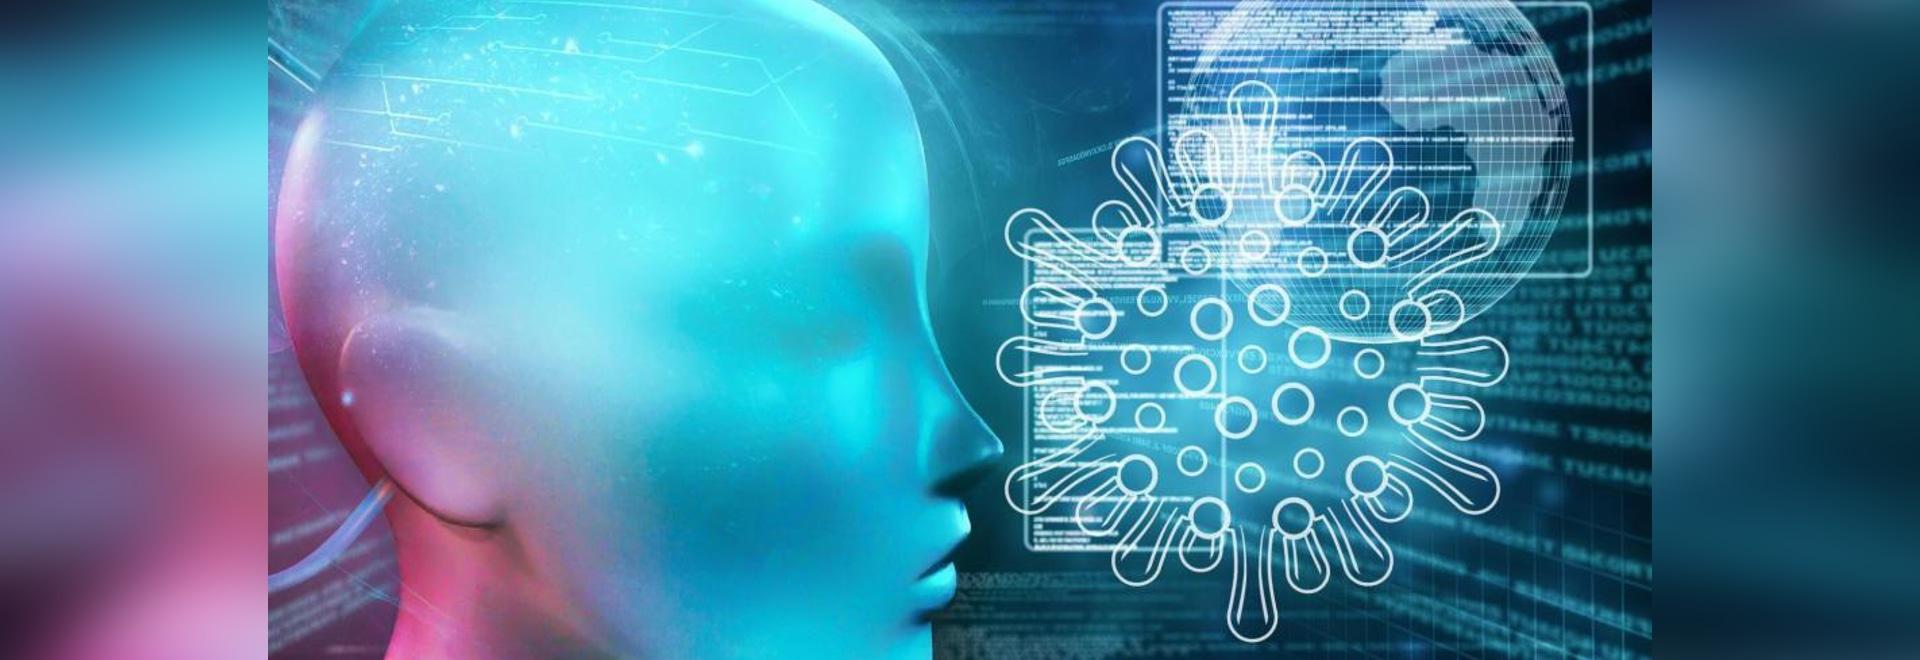 Le nouveau diagnostic d'intelligence artificielle permet de prédire la COVID-19 sans test